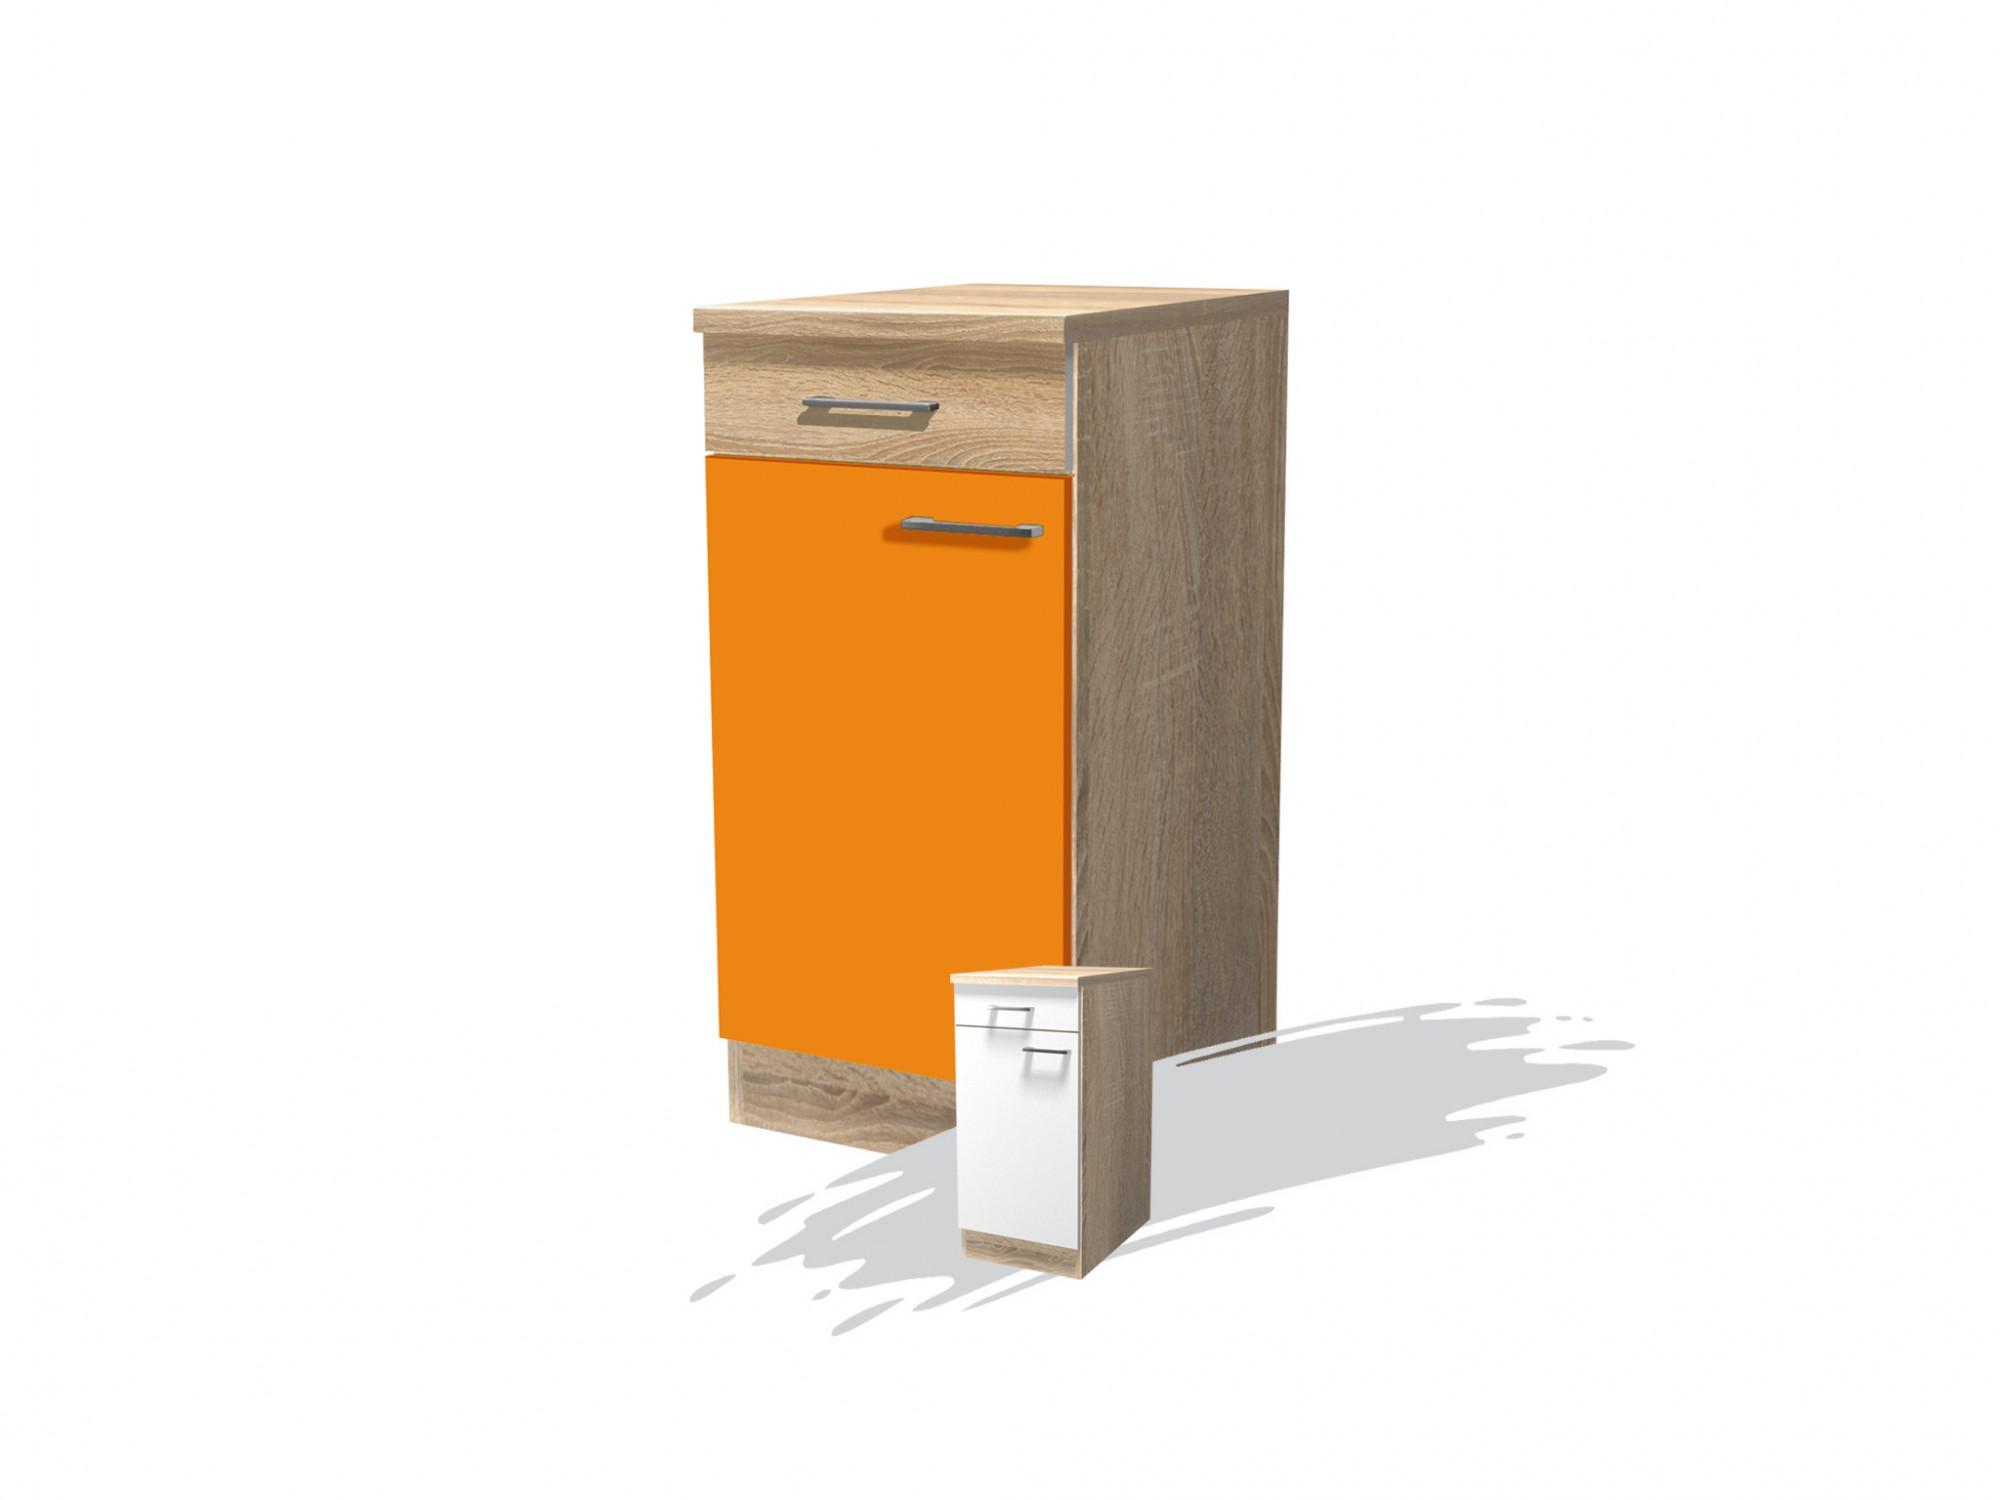 Küchen Unterschrank Rom 1 Türig 40 Cm Breit Orange Küche